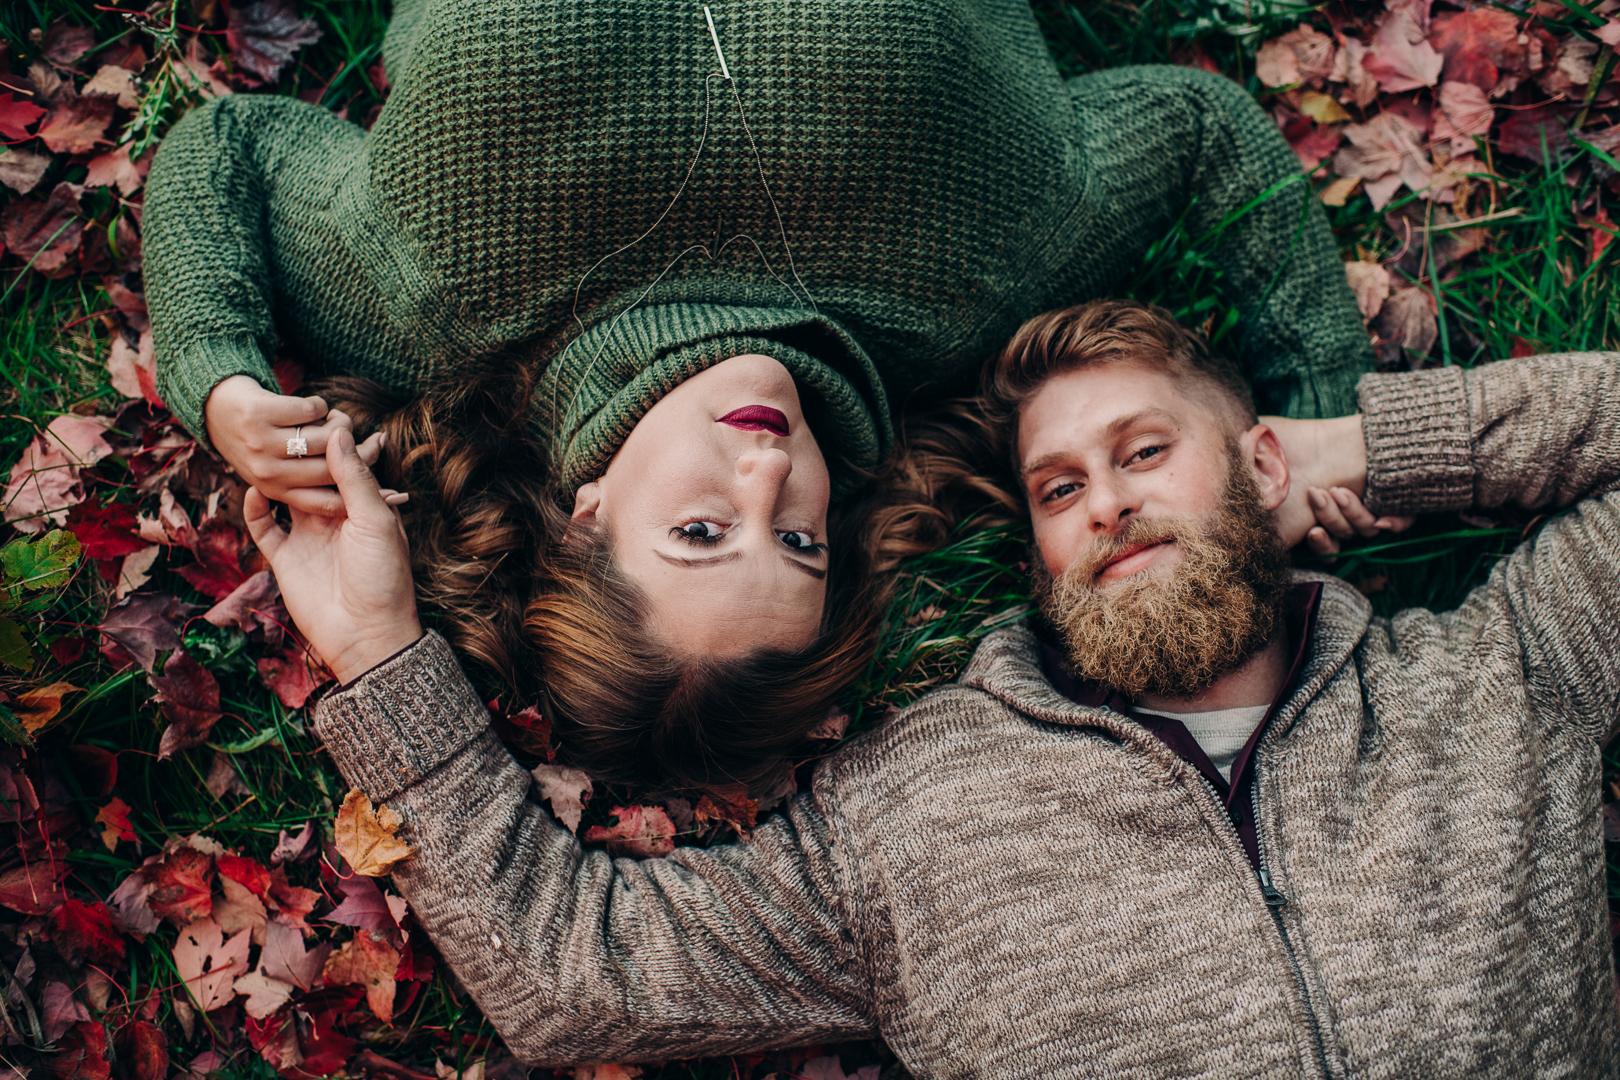 TerraSuraPhotography-Danielle & Ryan Engagemen-Web-7818.jpg